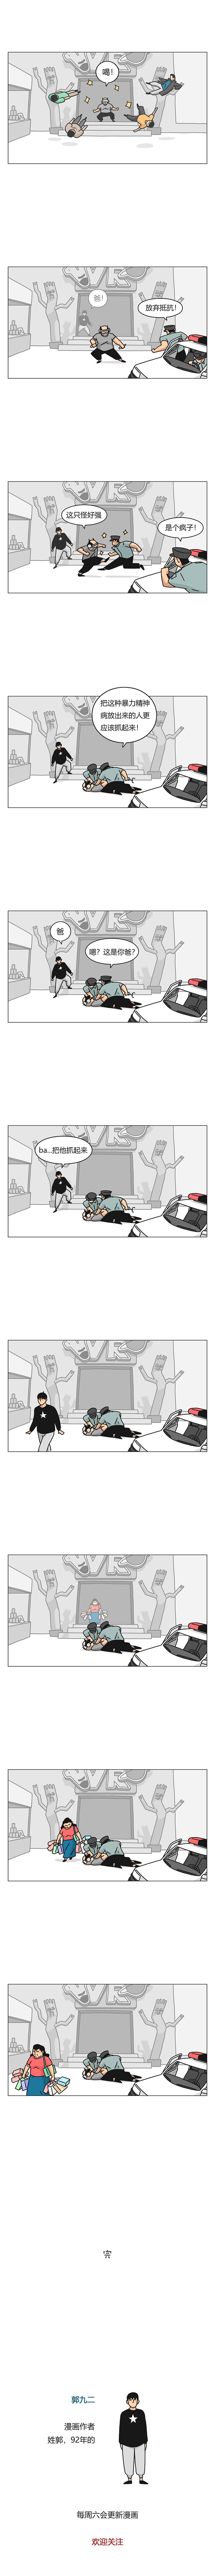 查看《VR游戏体验报告》原图,原图尺寸:800x9600